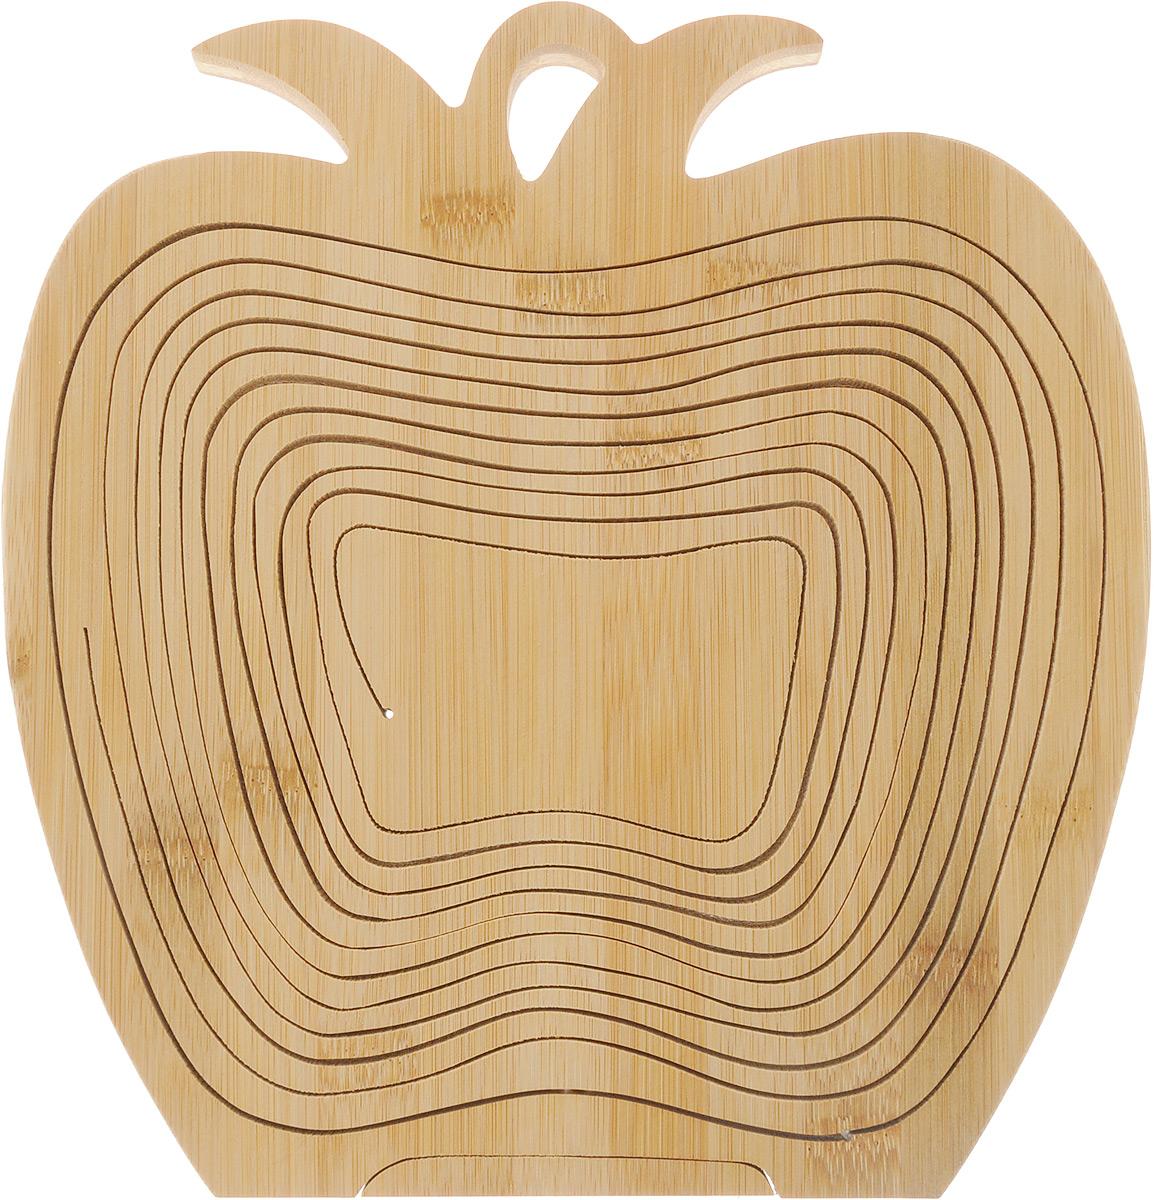 Доска-трансформер Vetta Яблоко, 27 х 30 см54 009312Доска-трансформер Vetta Яблоко изготовлена из высококачественного бамбука. Ее можно использовать как доску для нарезки, как подставку под горячее, и как фруктовницу. Оригинальный дизайн доски-трансформер украсит интерьер вашей кухни.Доска-трансформер Vetta Яблоко станет отличным подарком для ваших друзей и близких.Размер доски-трансформер (в виде доски): 27 х 30 х 1,5 см.Размер доски-трансформер (в виде фруктовницы): 27 х 30 х 21 см